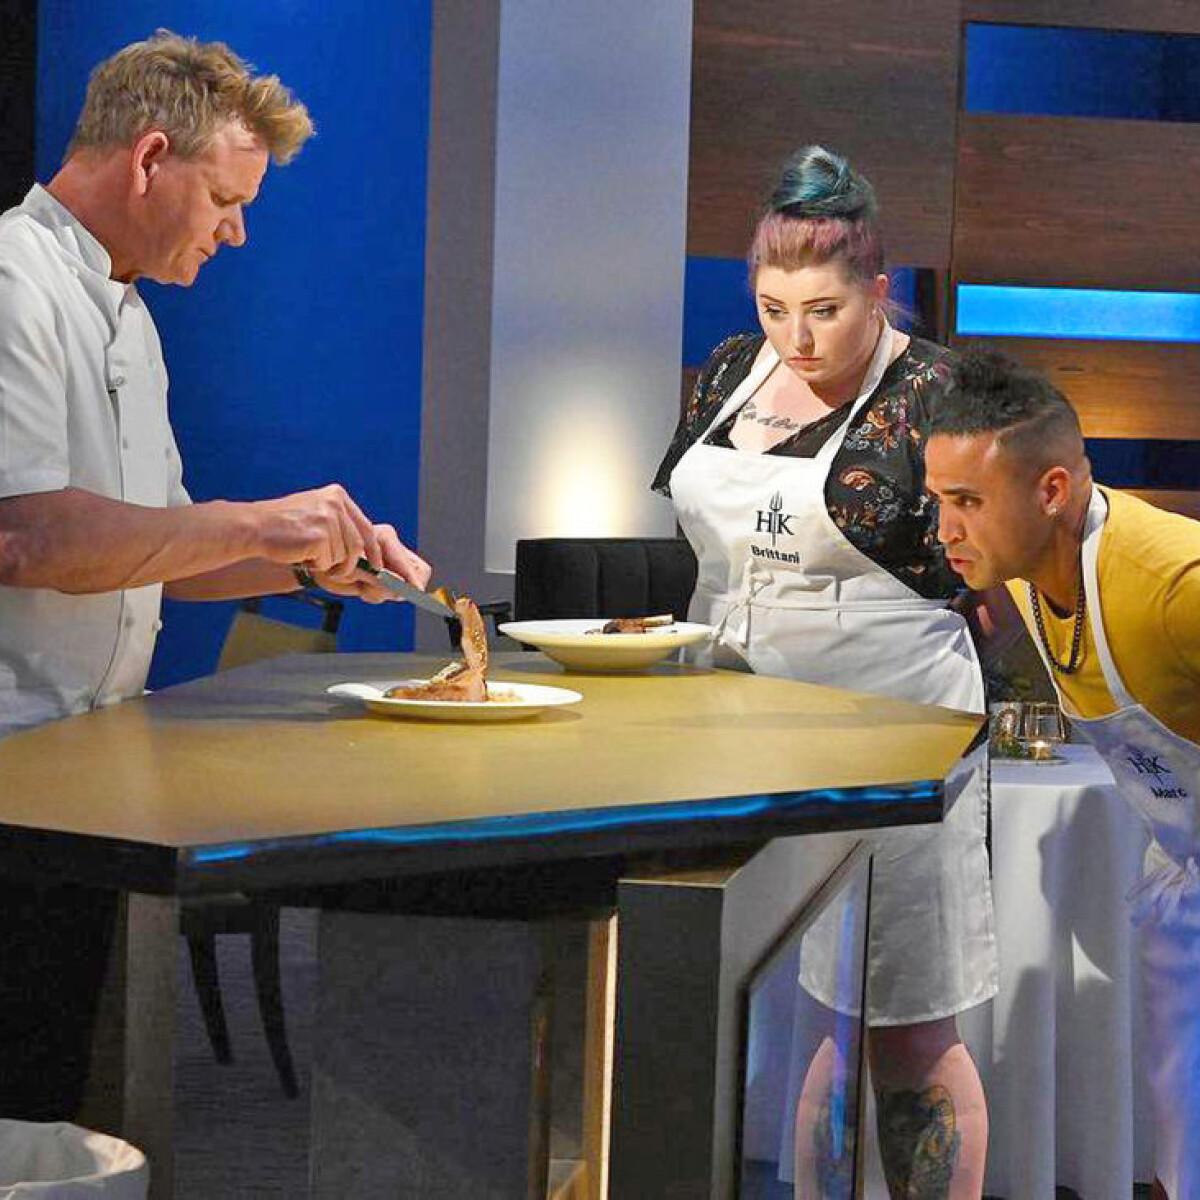 Kiderült, miért lehet ártalmas főzőműsorokat nézni a tévében